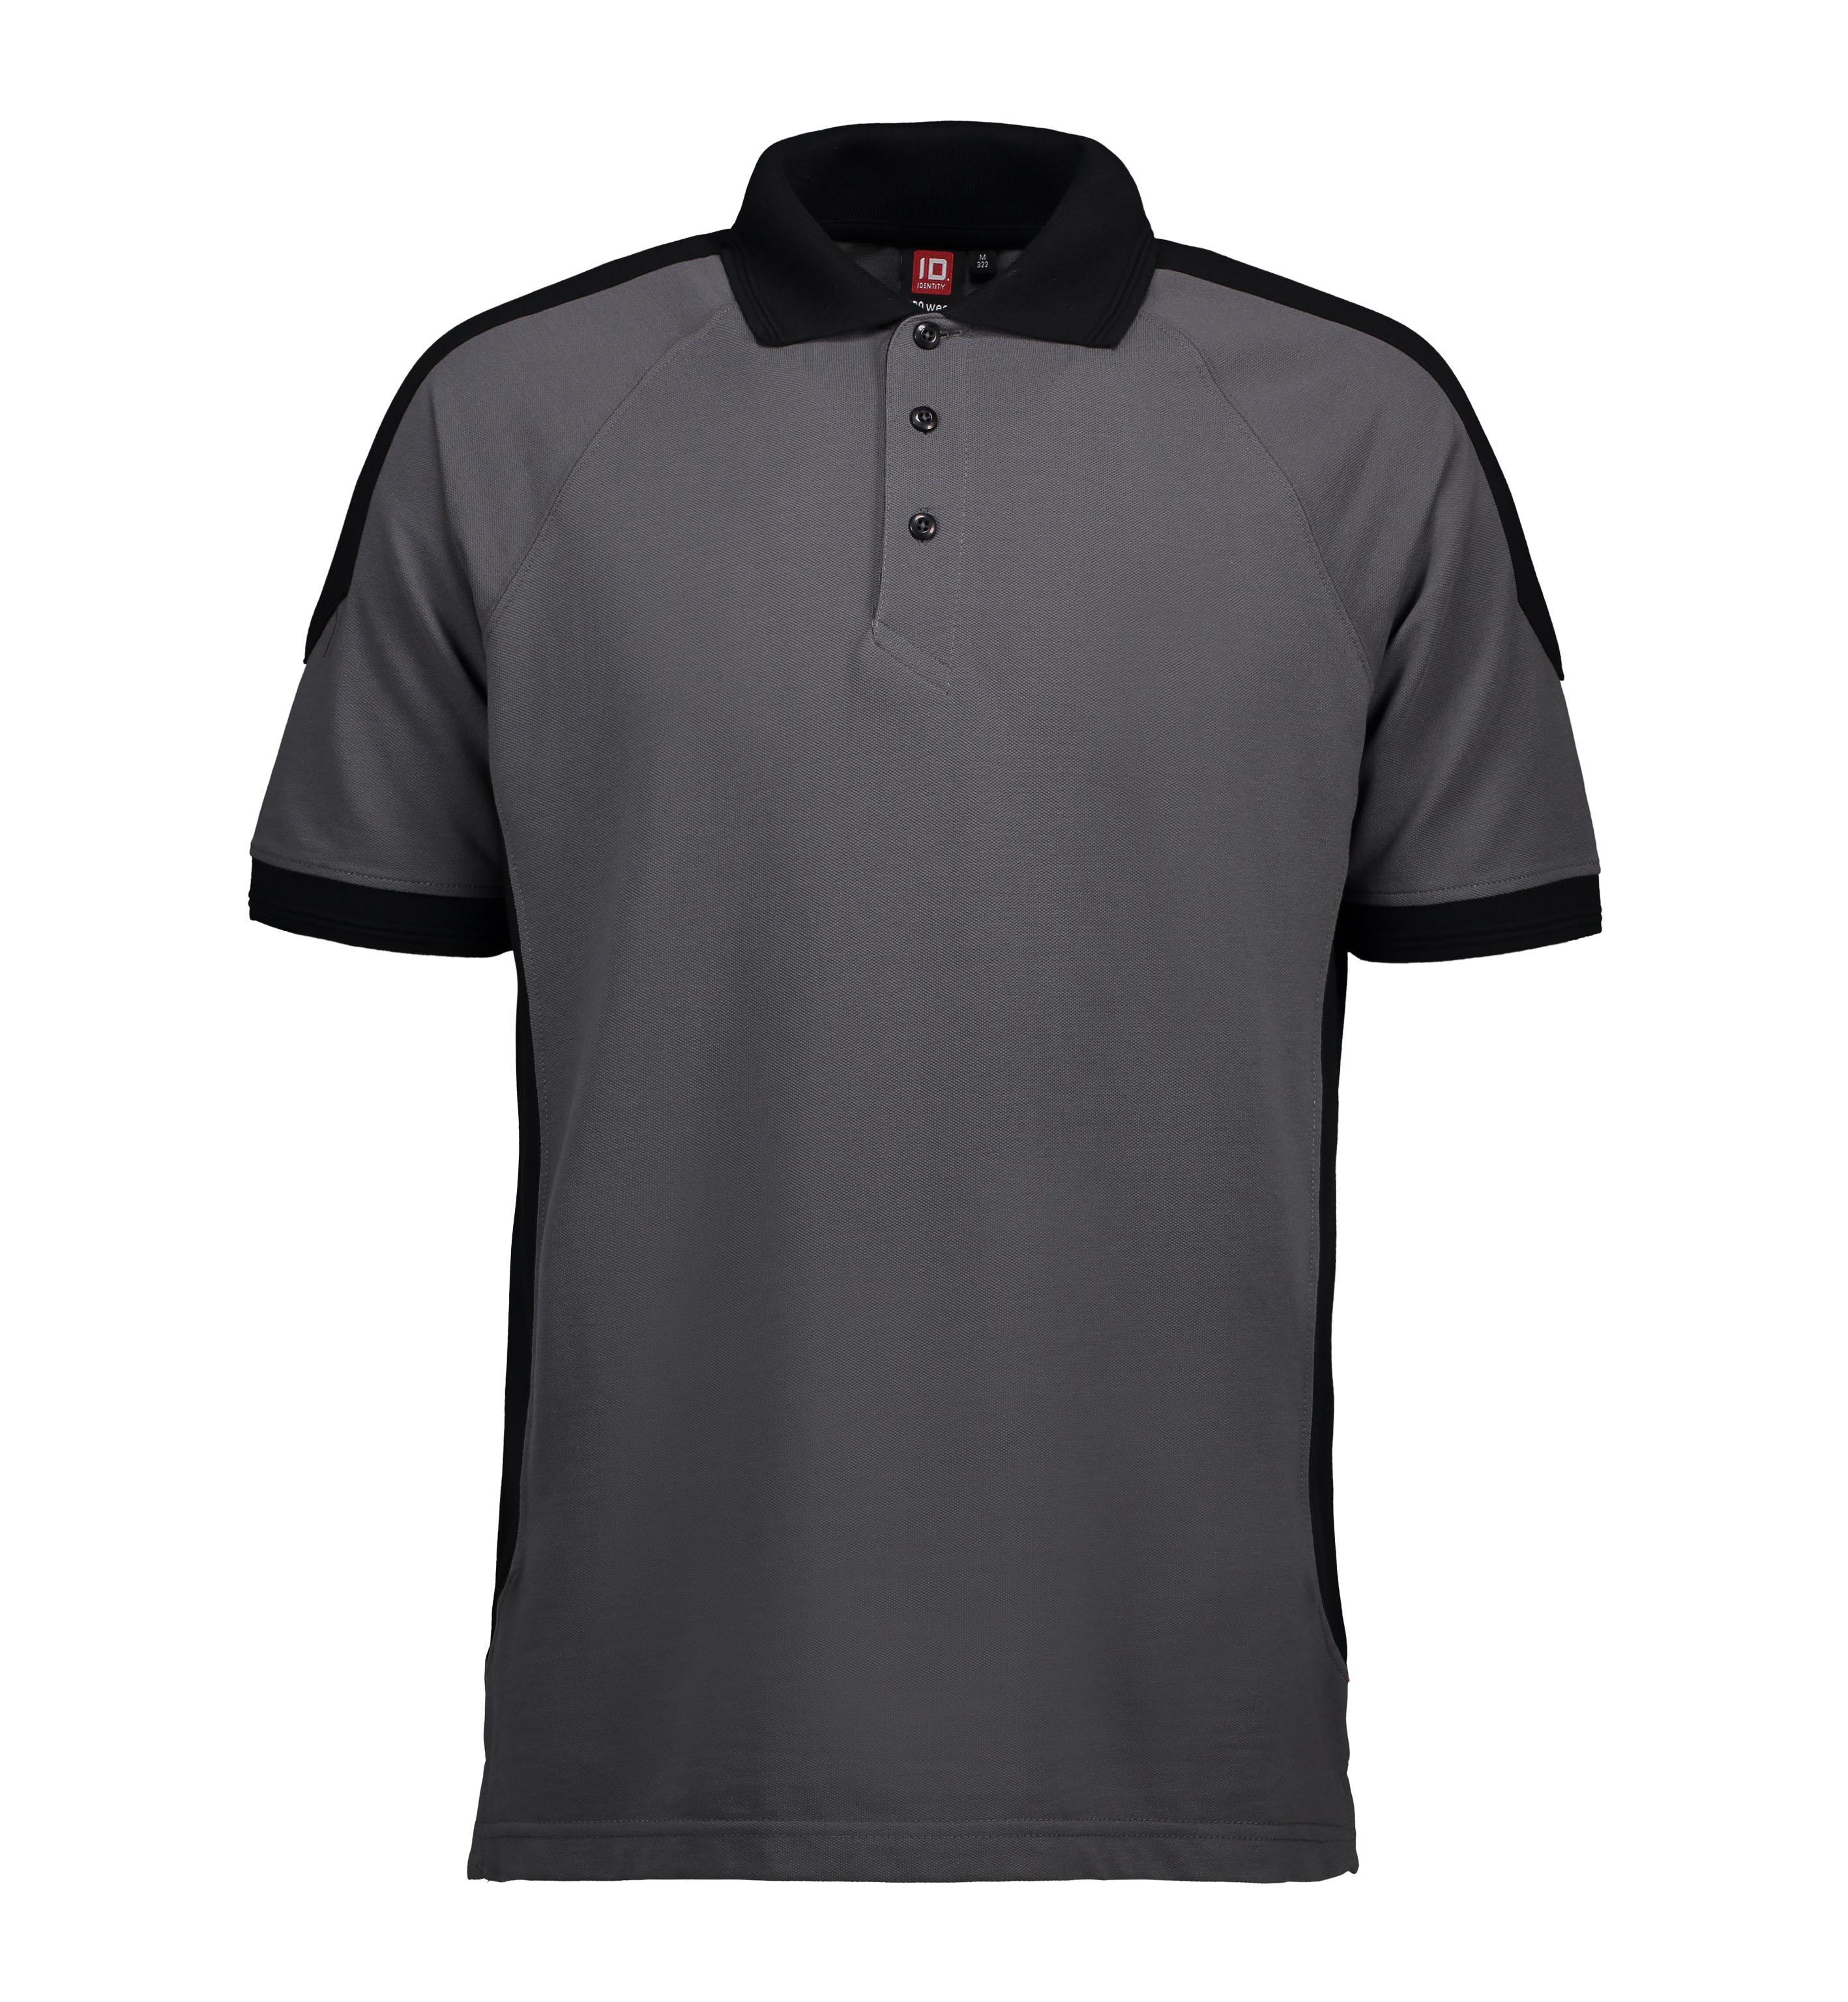 PRO Wear Poloshirt   Kontrast 0322